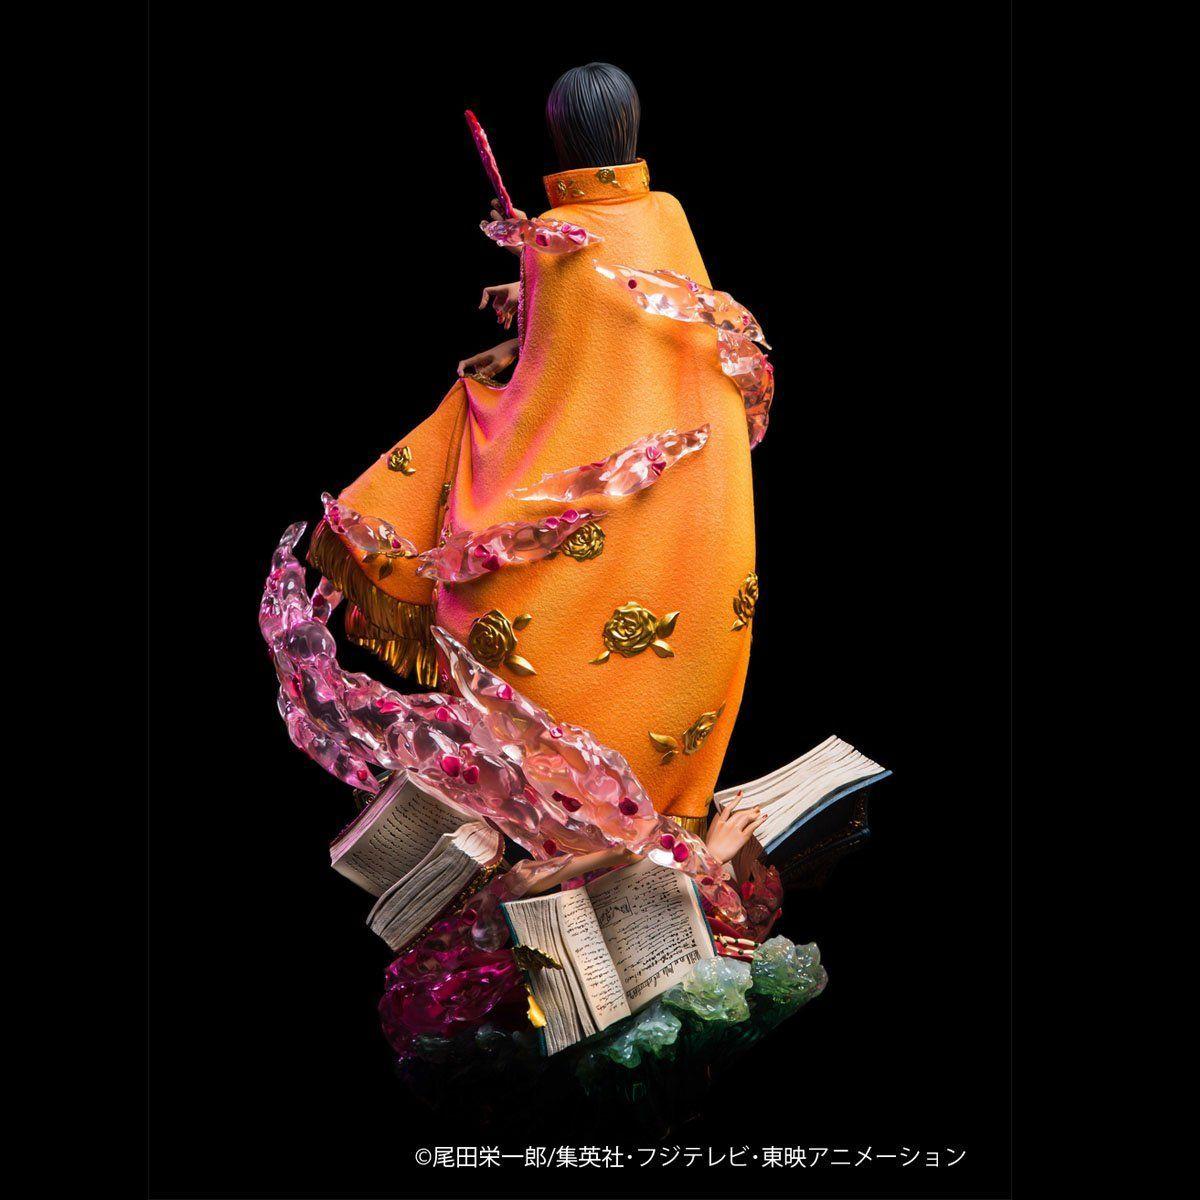 ワンピース ログコレクション 大型スタチューシリーズ『ニコ・ロビン』完成品フィギュア-006